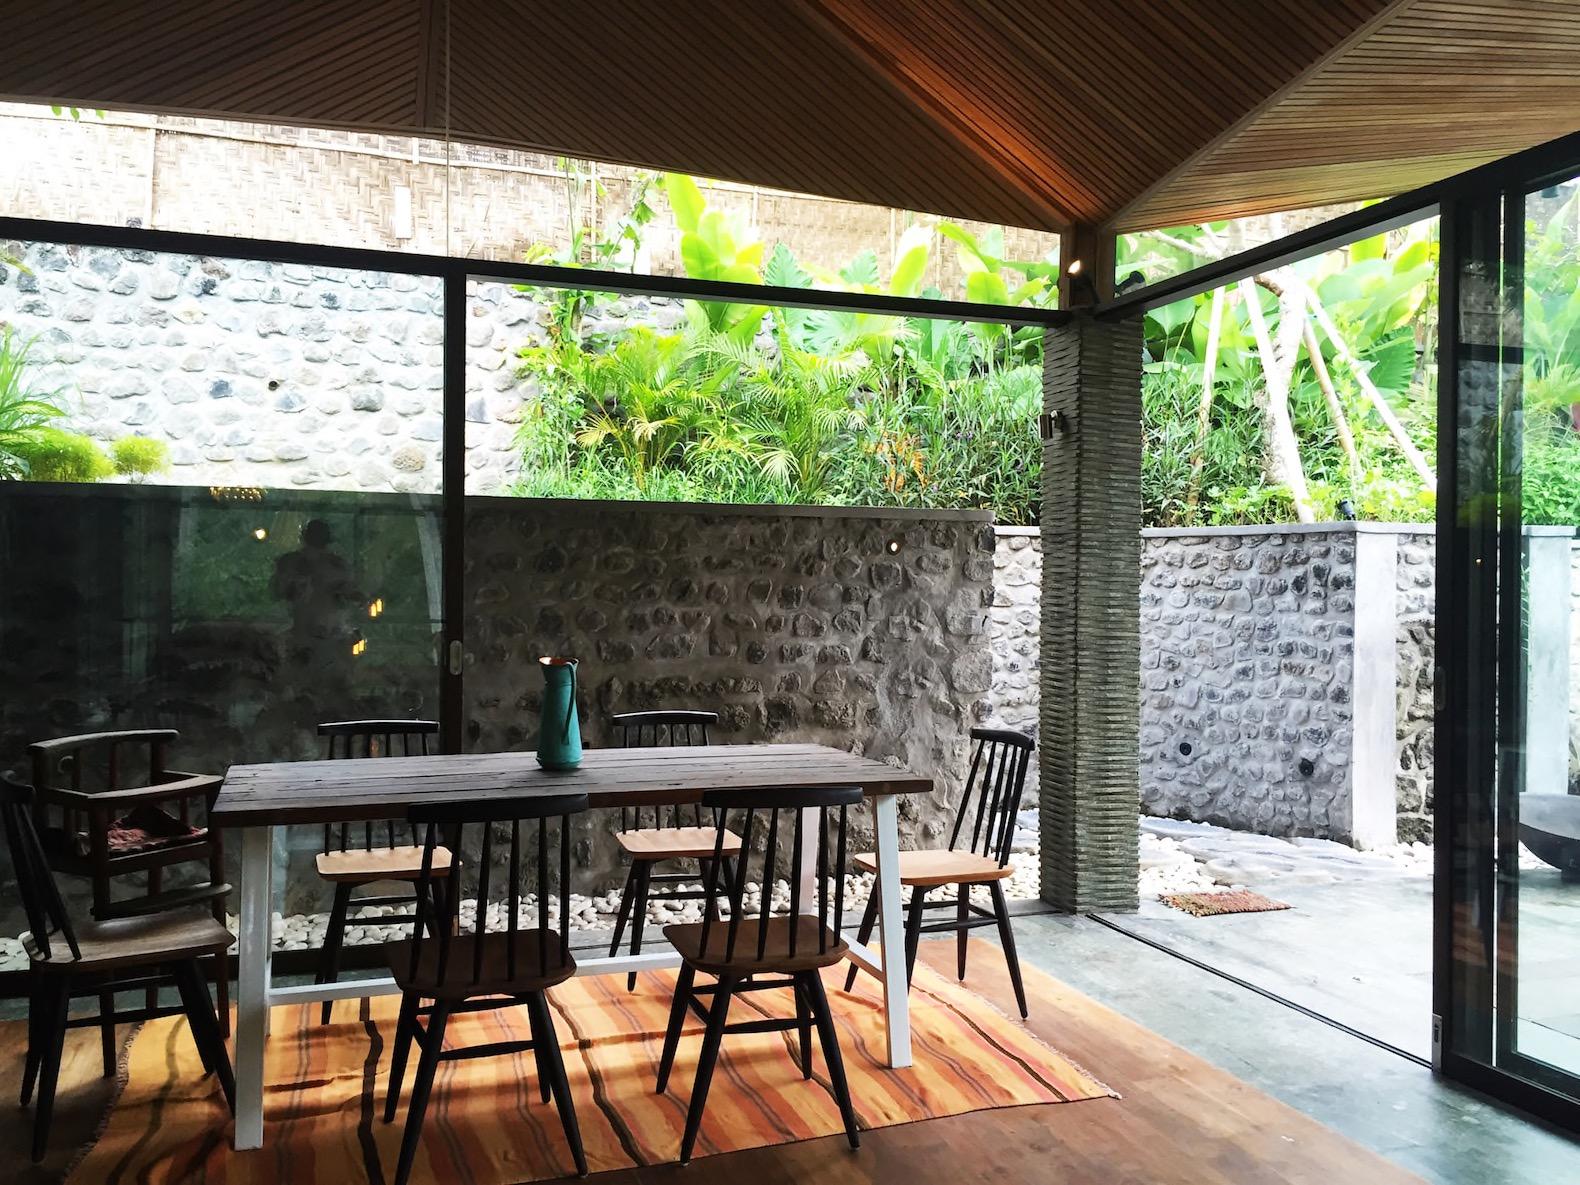 8600 Foto Desain Rumah Tanpa Batu Alam Yang Bisa Anda Contoh Download